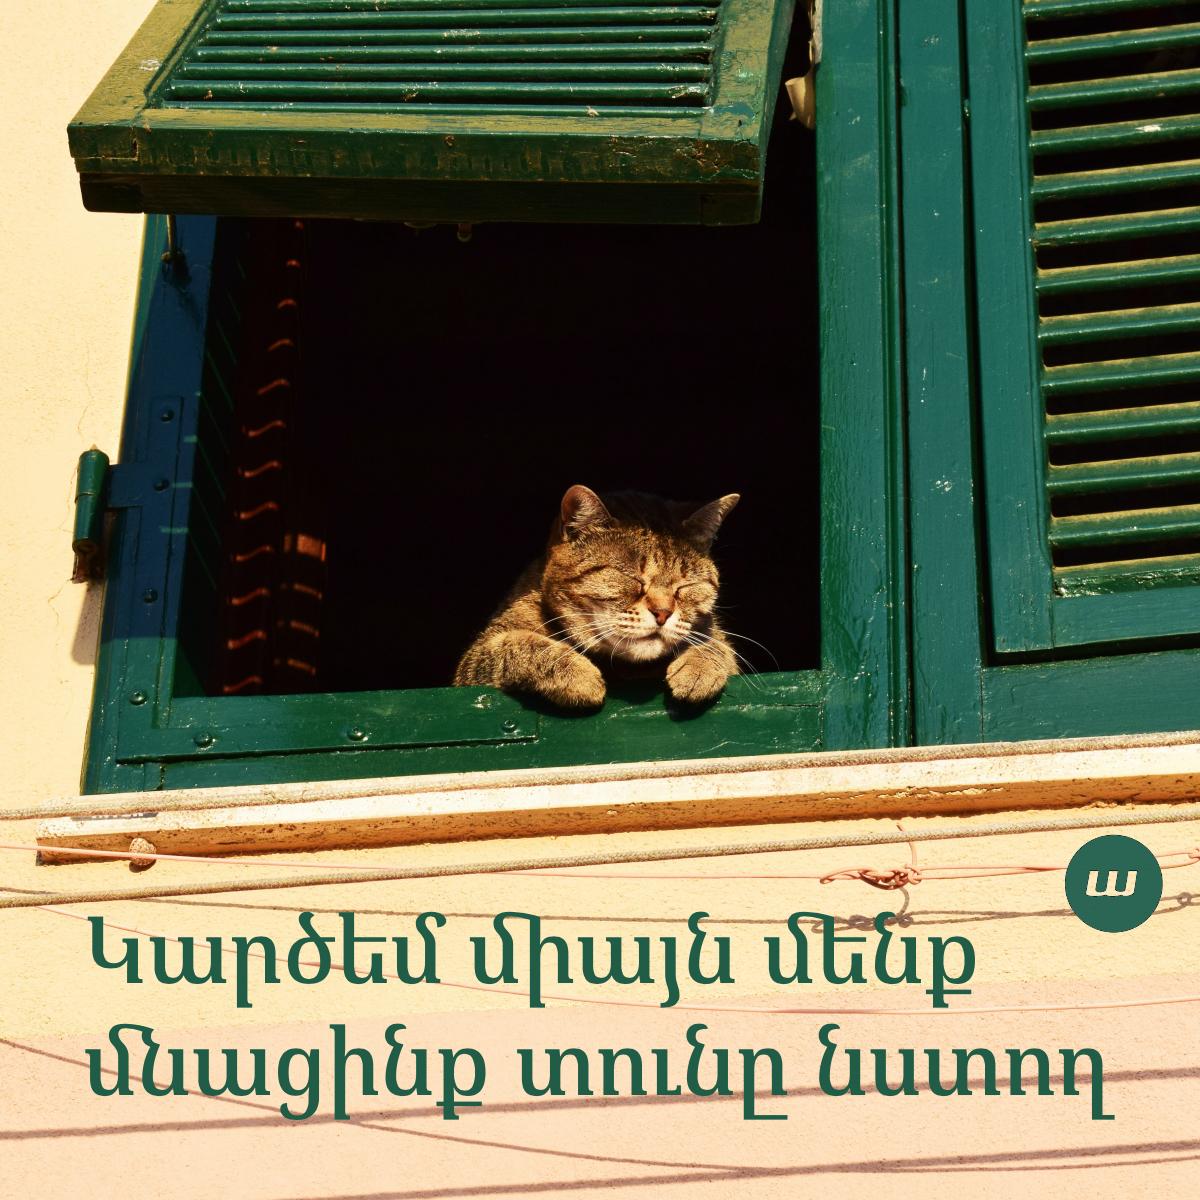 Դուն, ես եւ կատուն